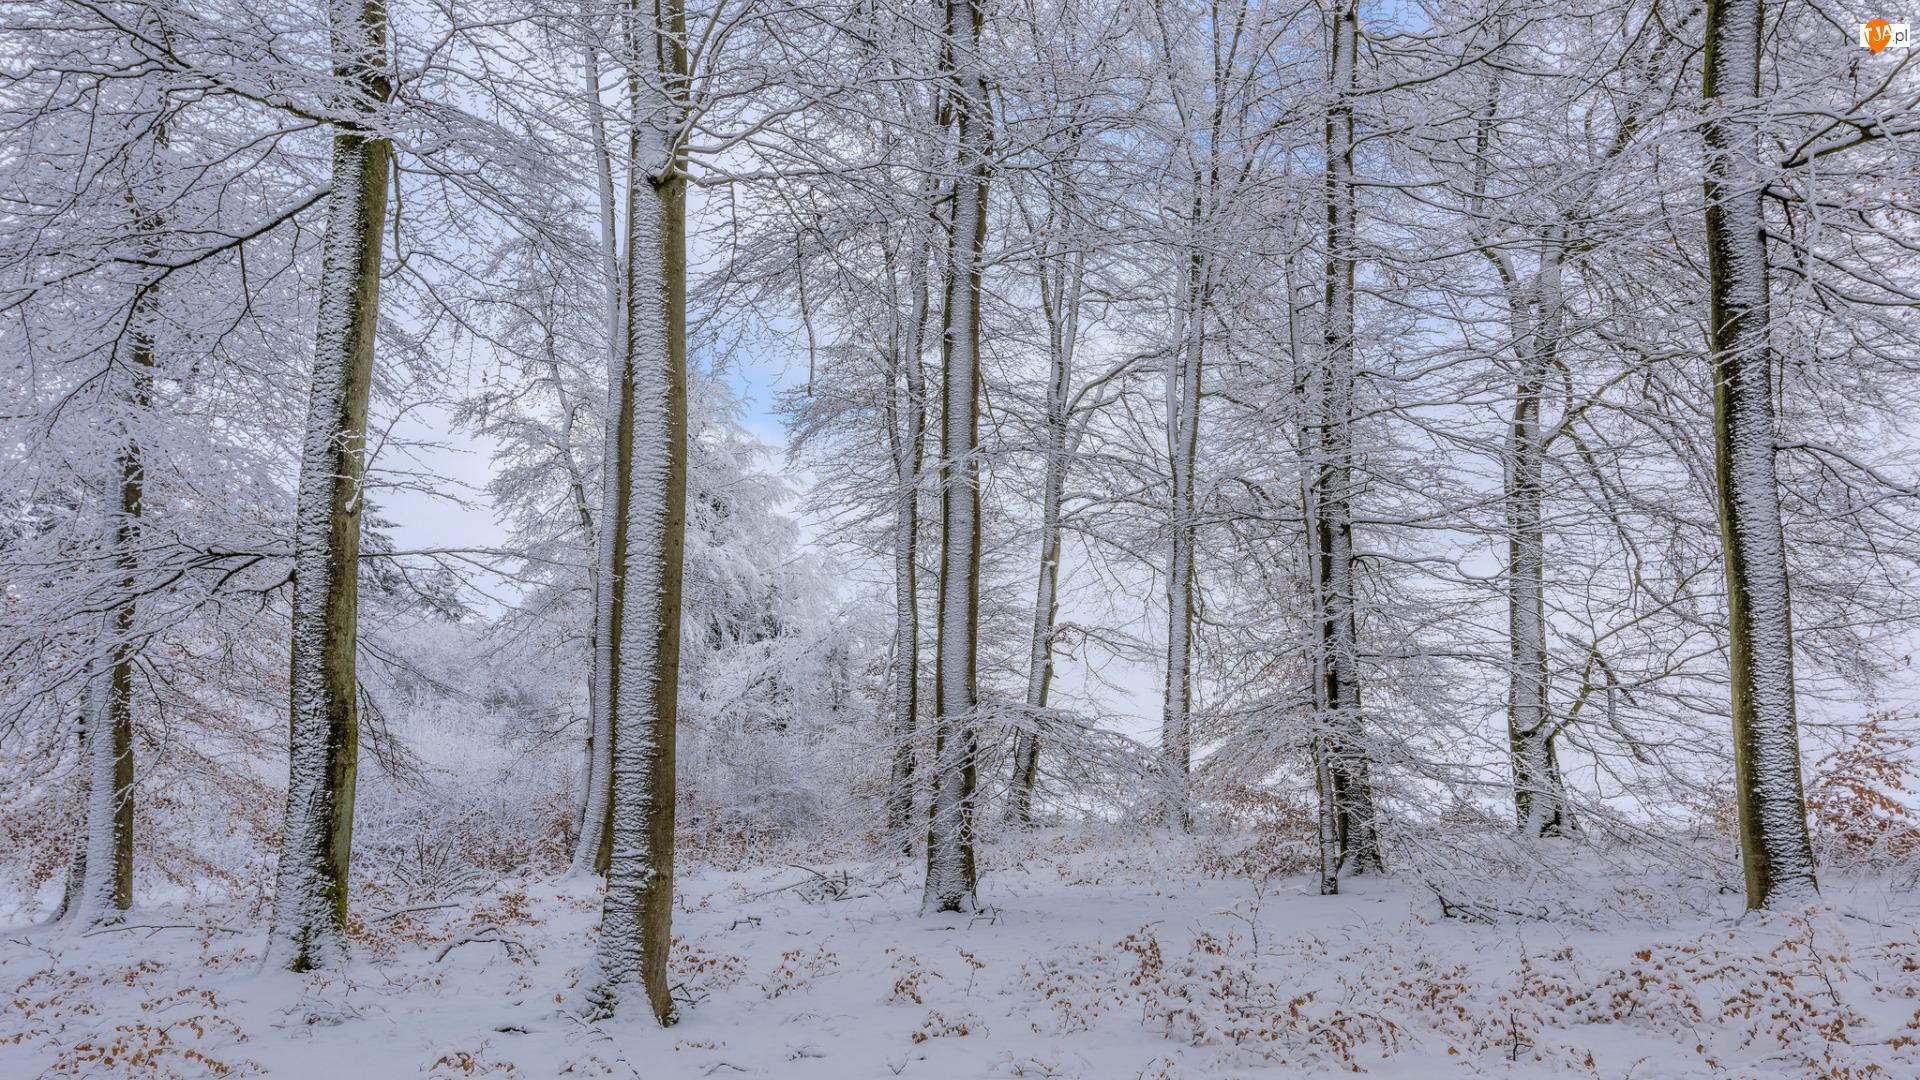 Ośnieżone, Las, Śnieg, Zima, Drzewa